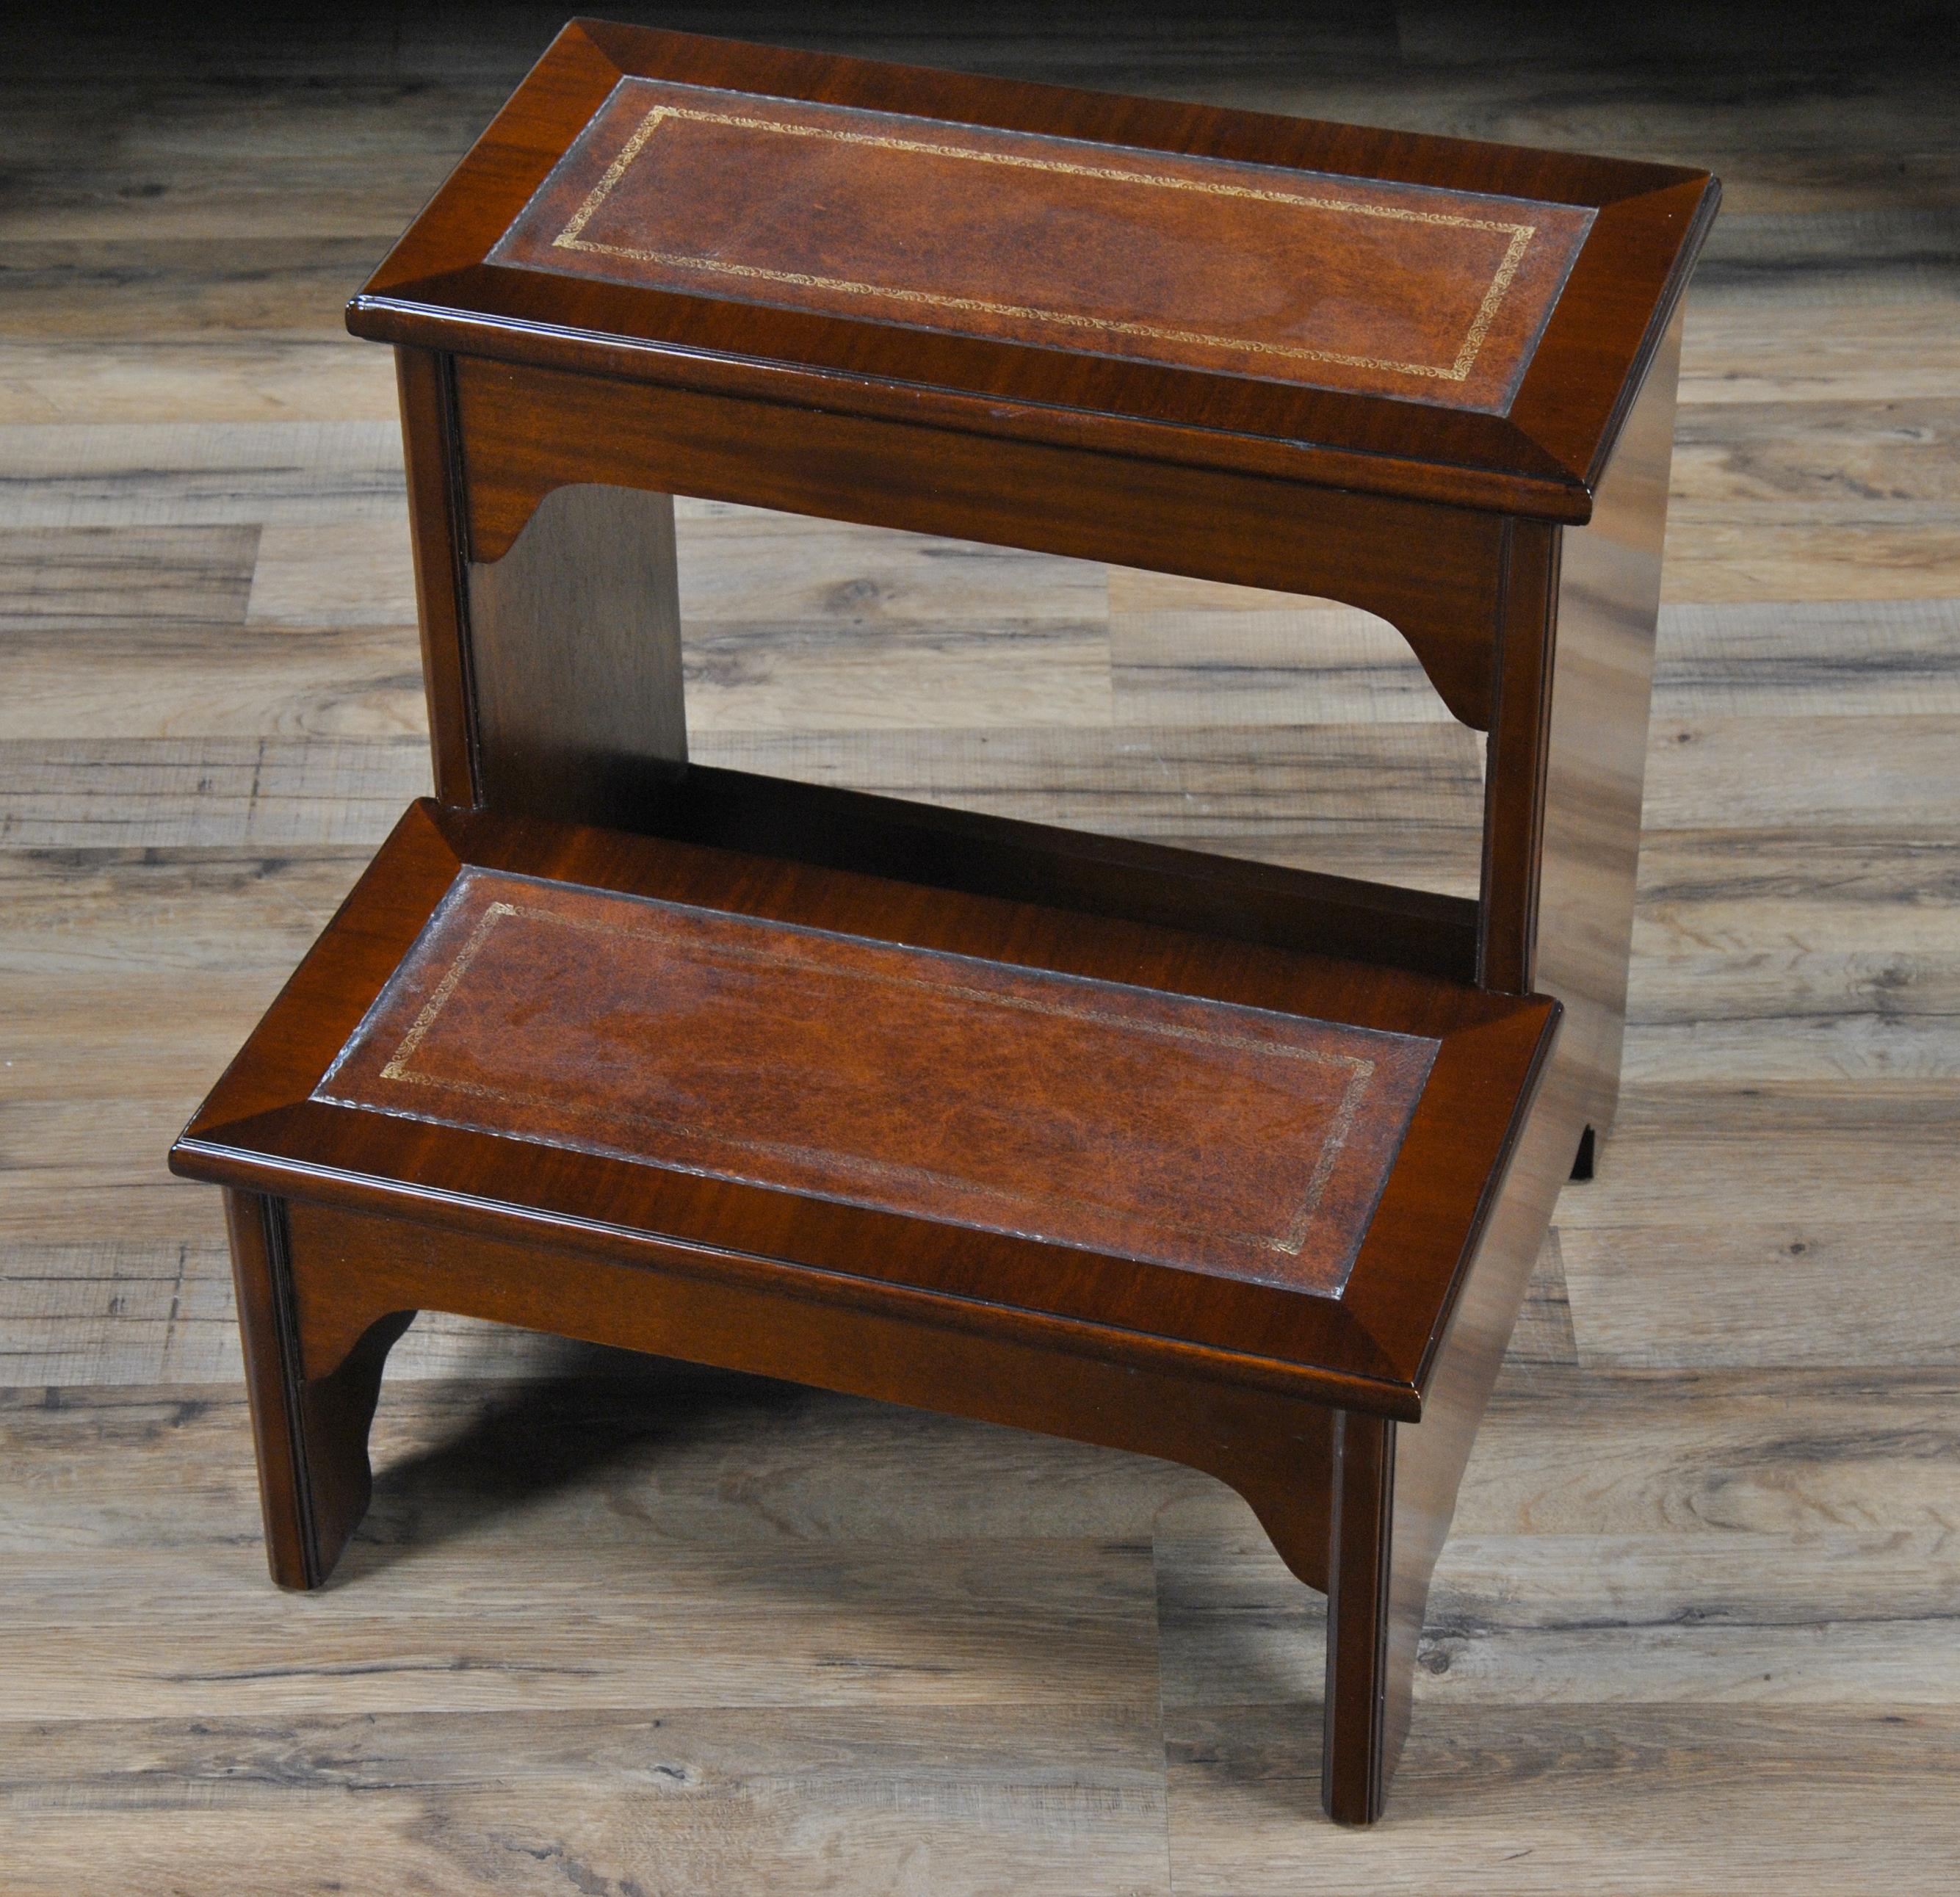 Home Furniture Bedroom Leather Bed Steps NBR038